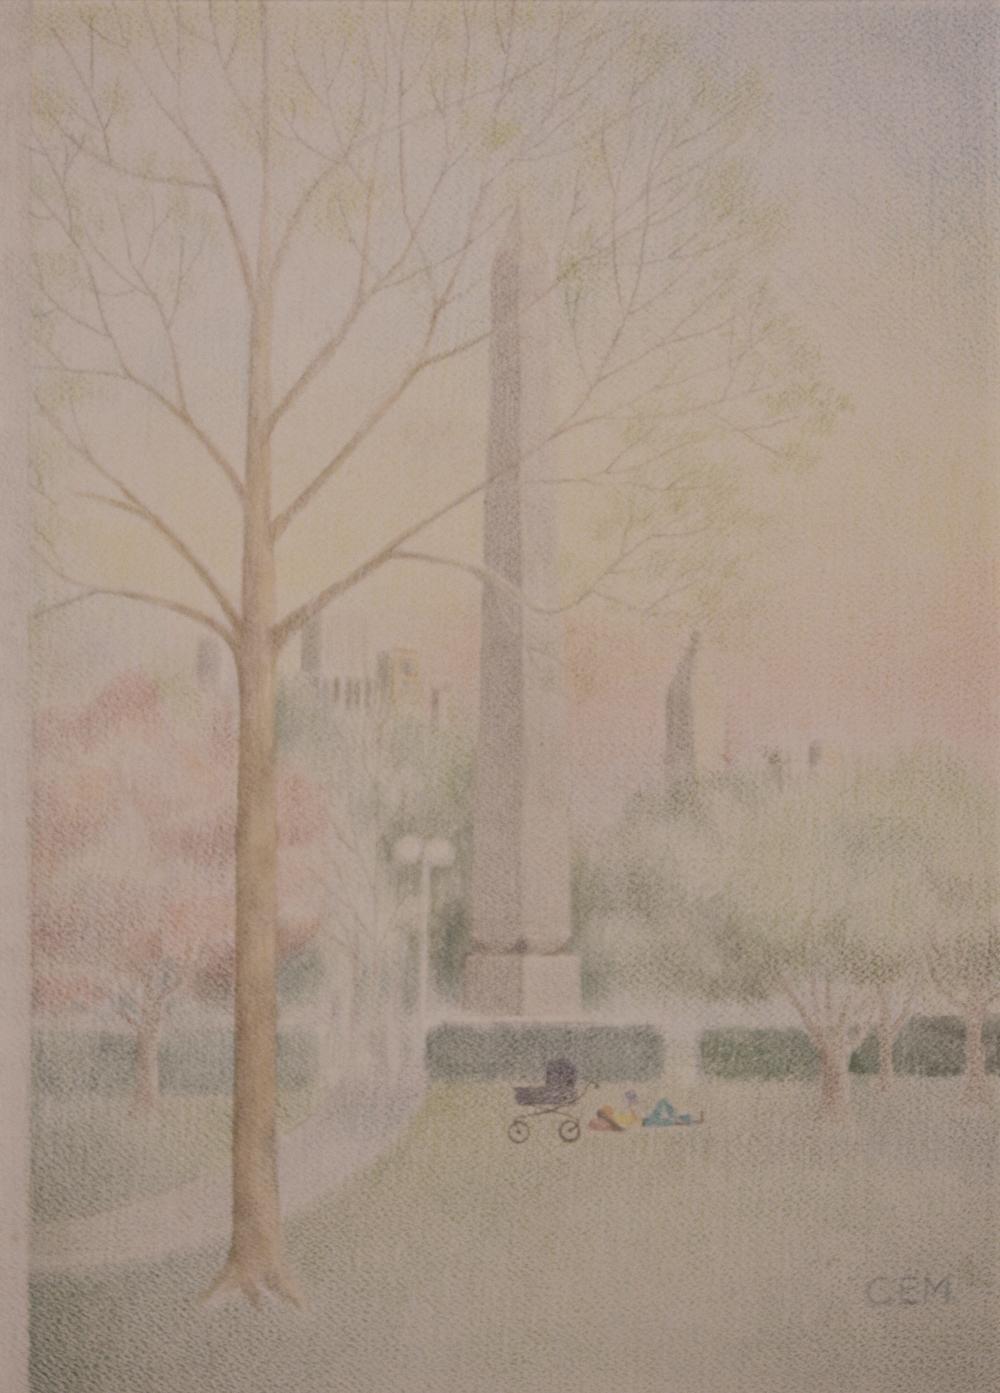 Charles E. Martin Obelisk 2